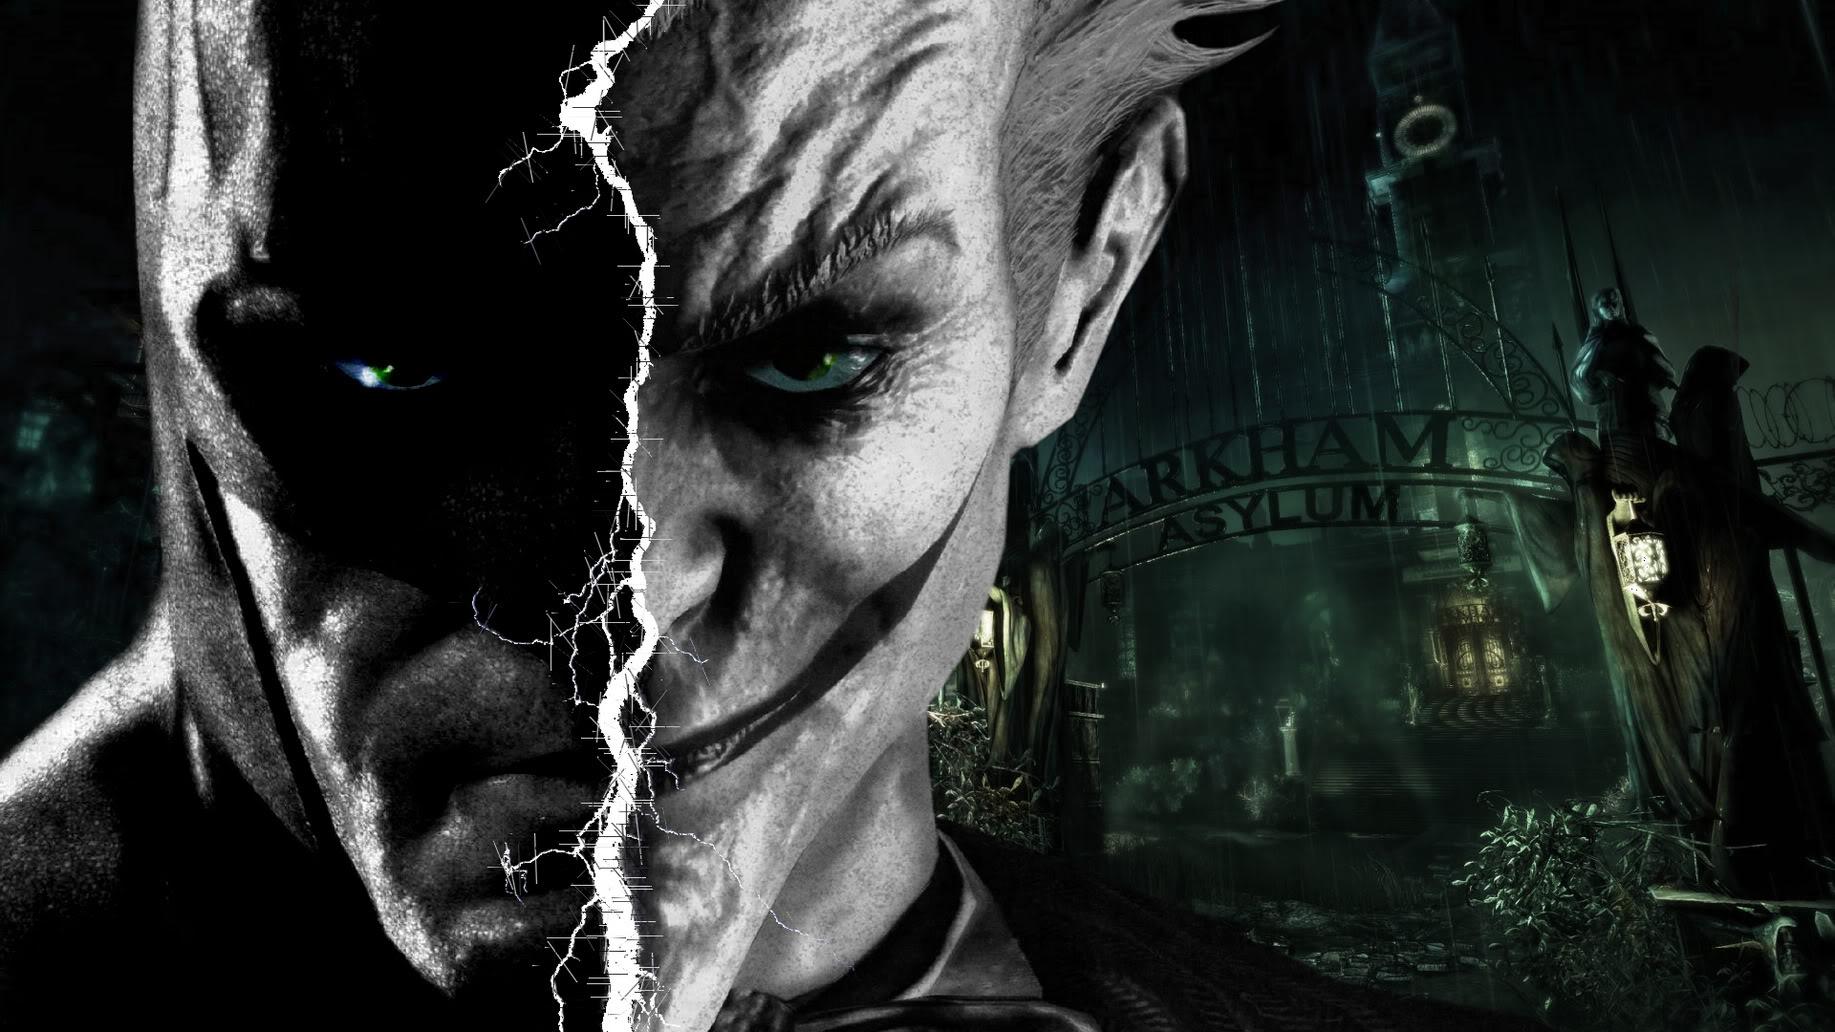 Batman Arkham Asylum Wallpaper and Background 1835x1032 1835x1032